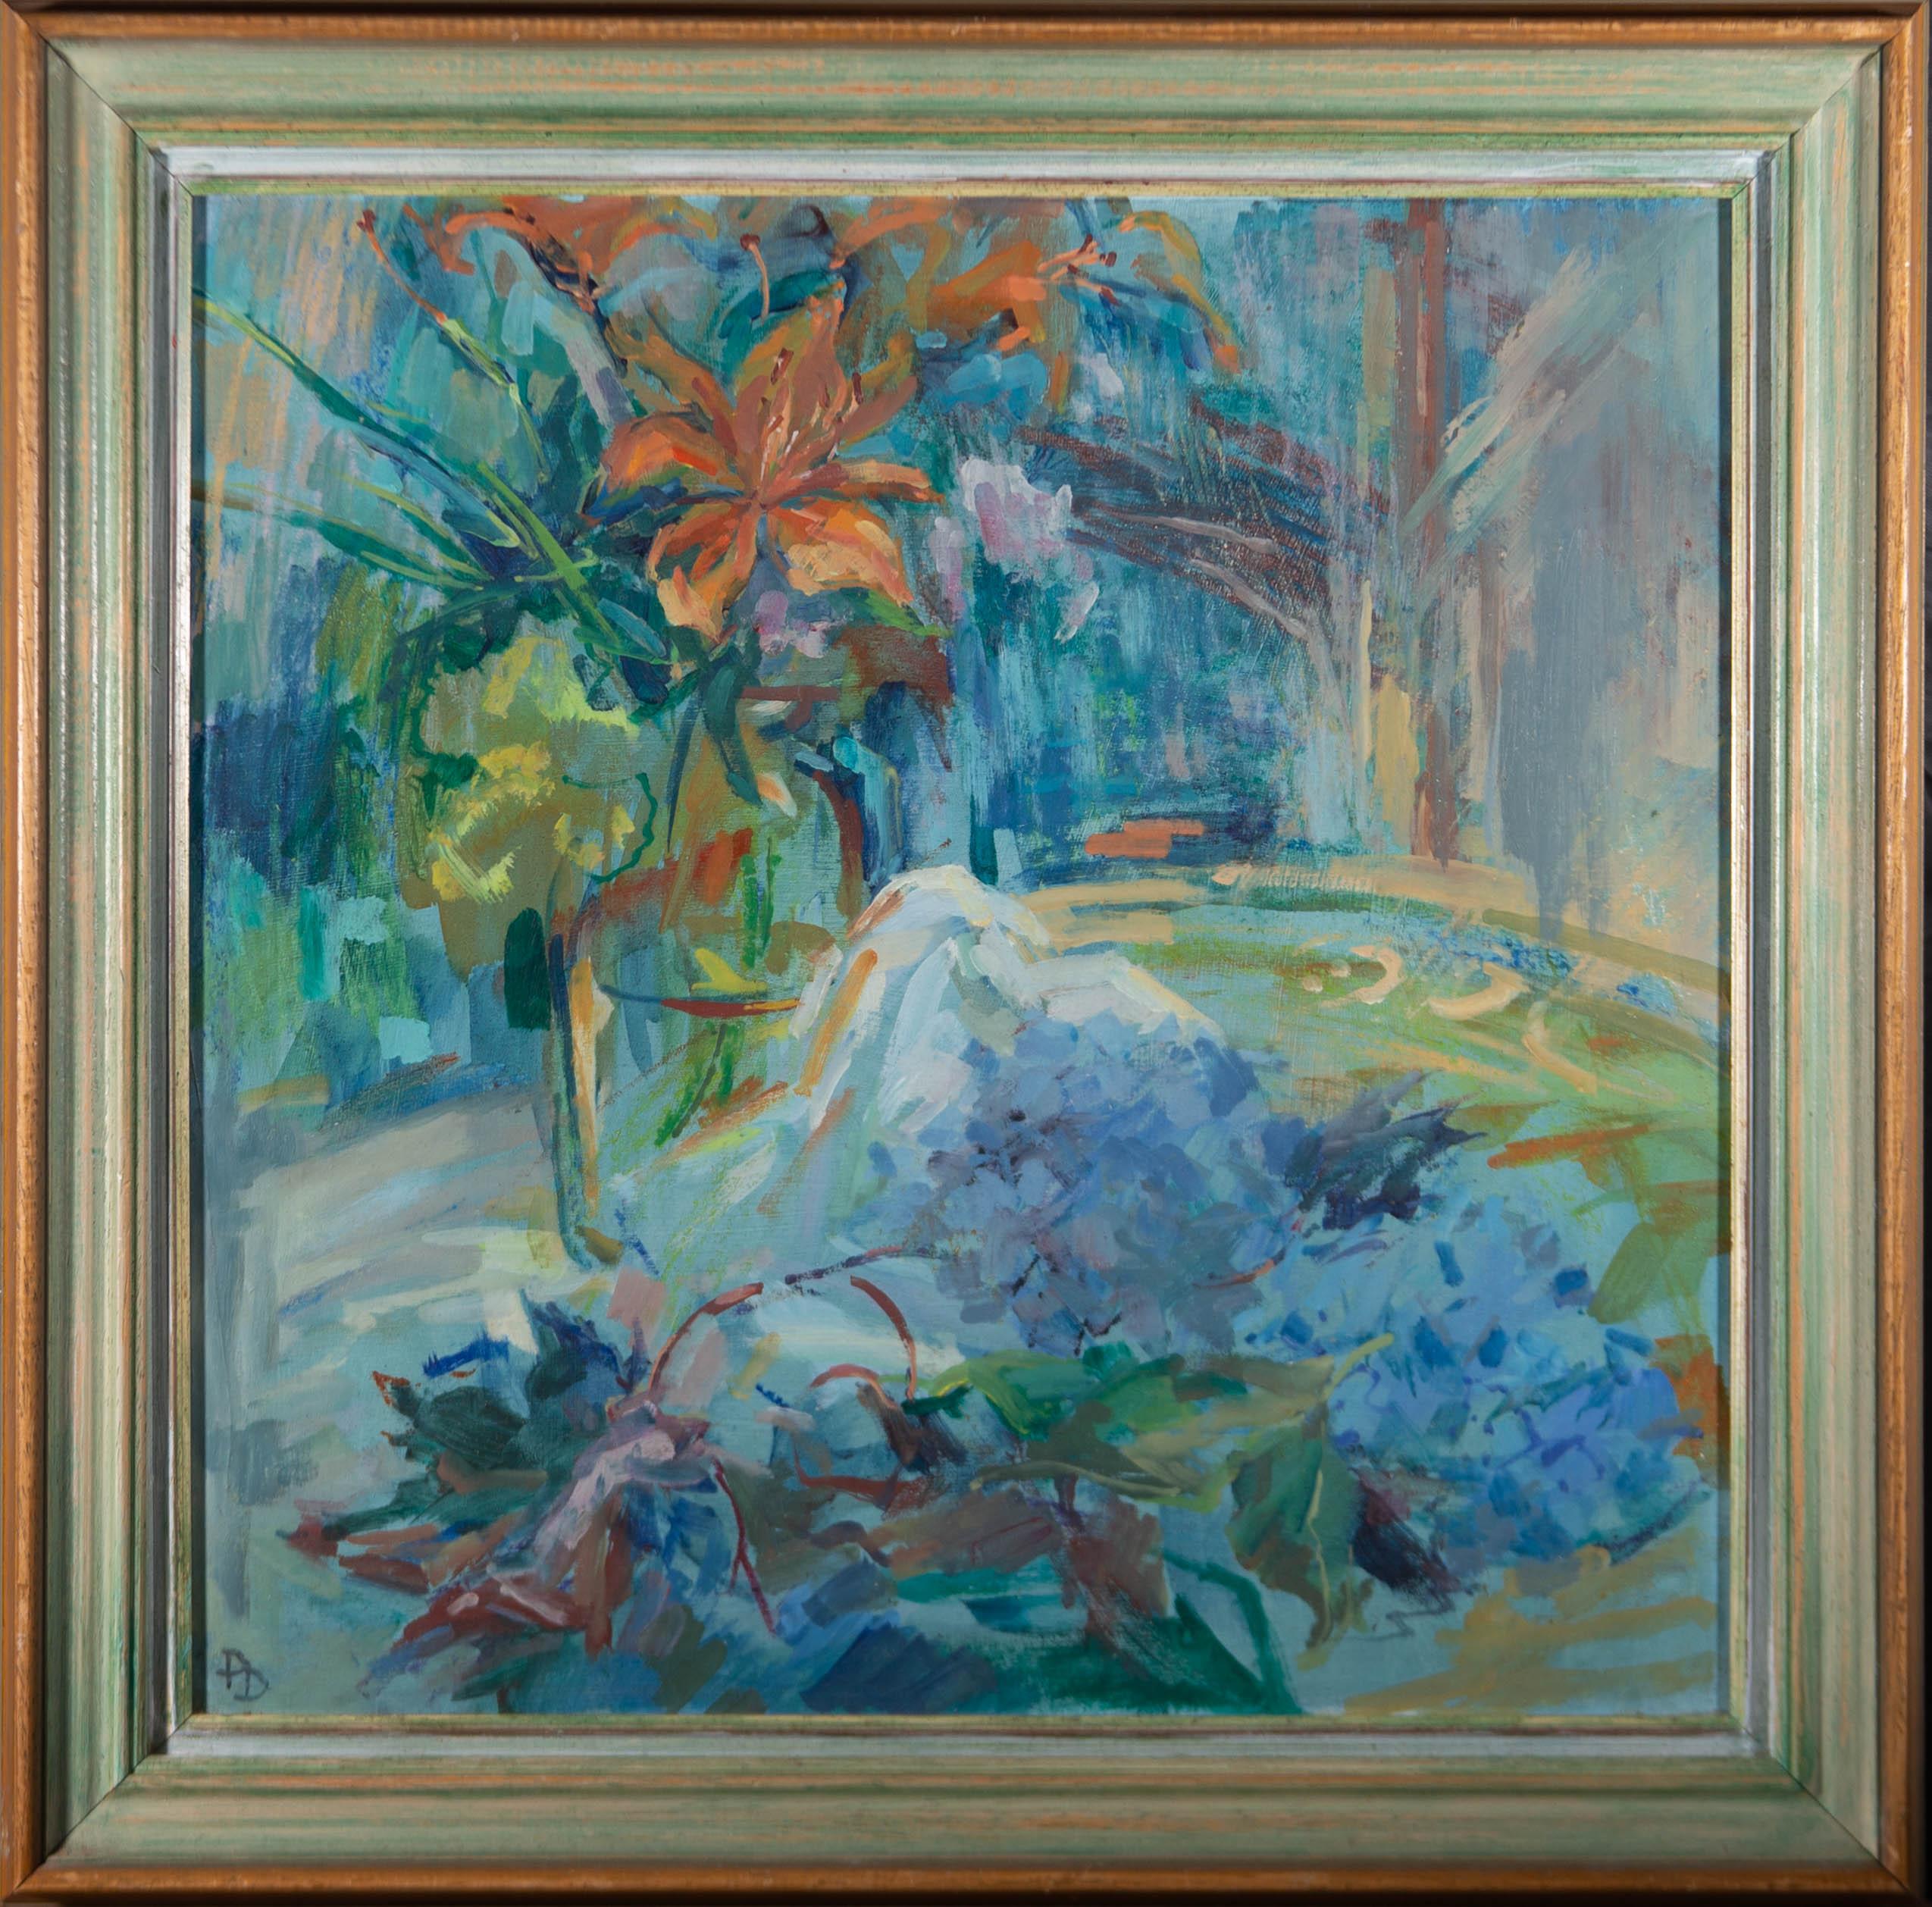 Pamela Dukes - Contemporary Oil, Still Life, Vase of Flowers